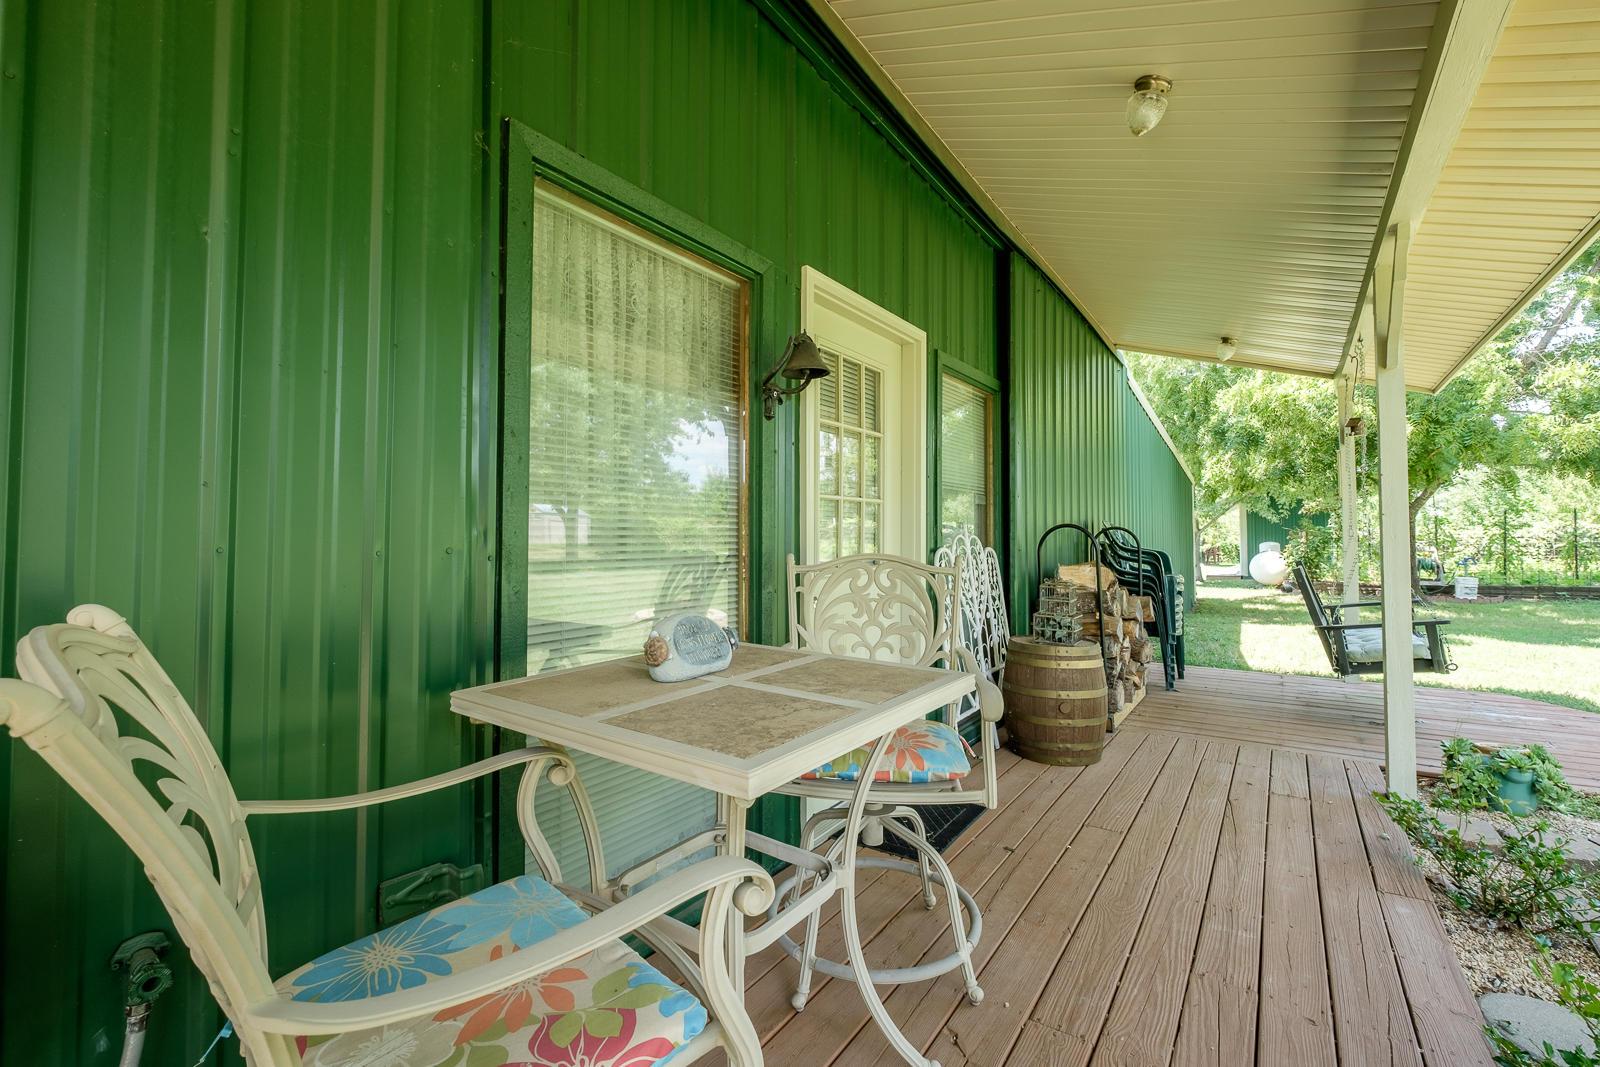 734 State Hwy O Kissee Mills, MO 65680